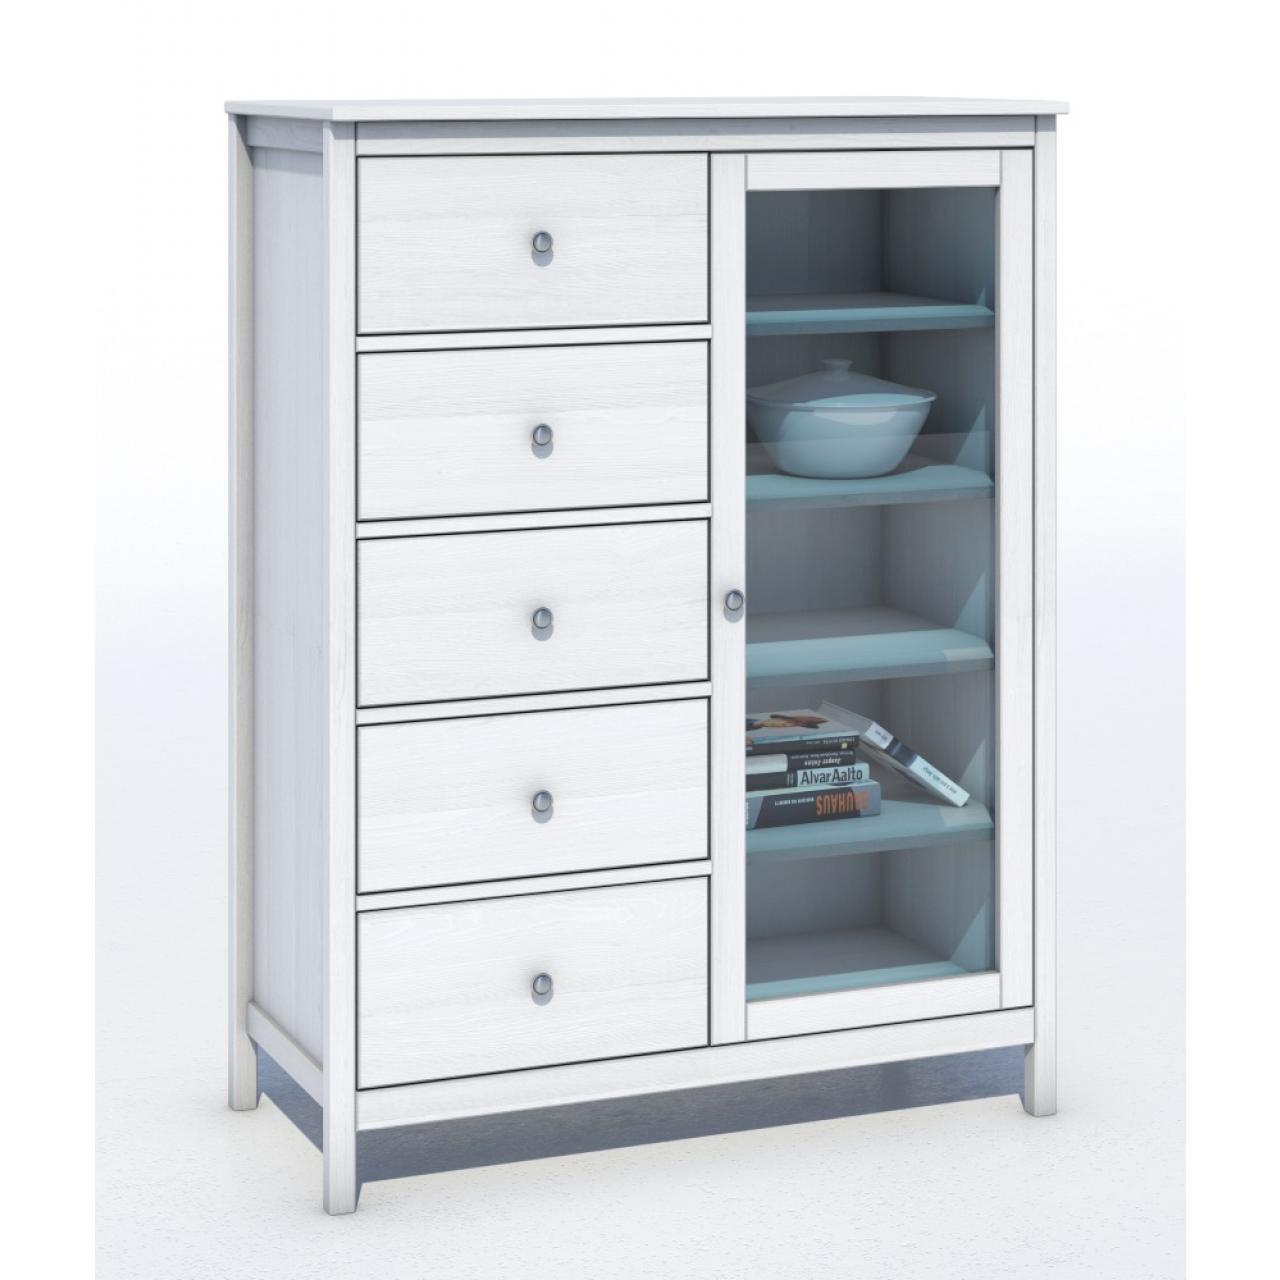 vitrinen online kaufen m bel j hnichen center gmbh. Black Bedroom Furniture Sets. Home Design Ideas